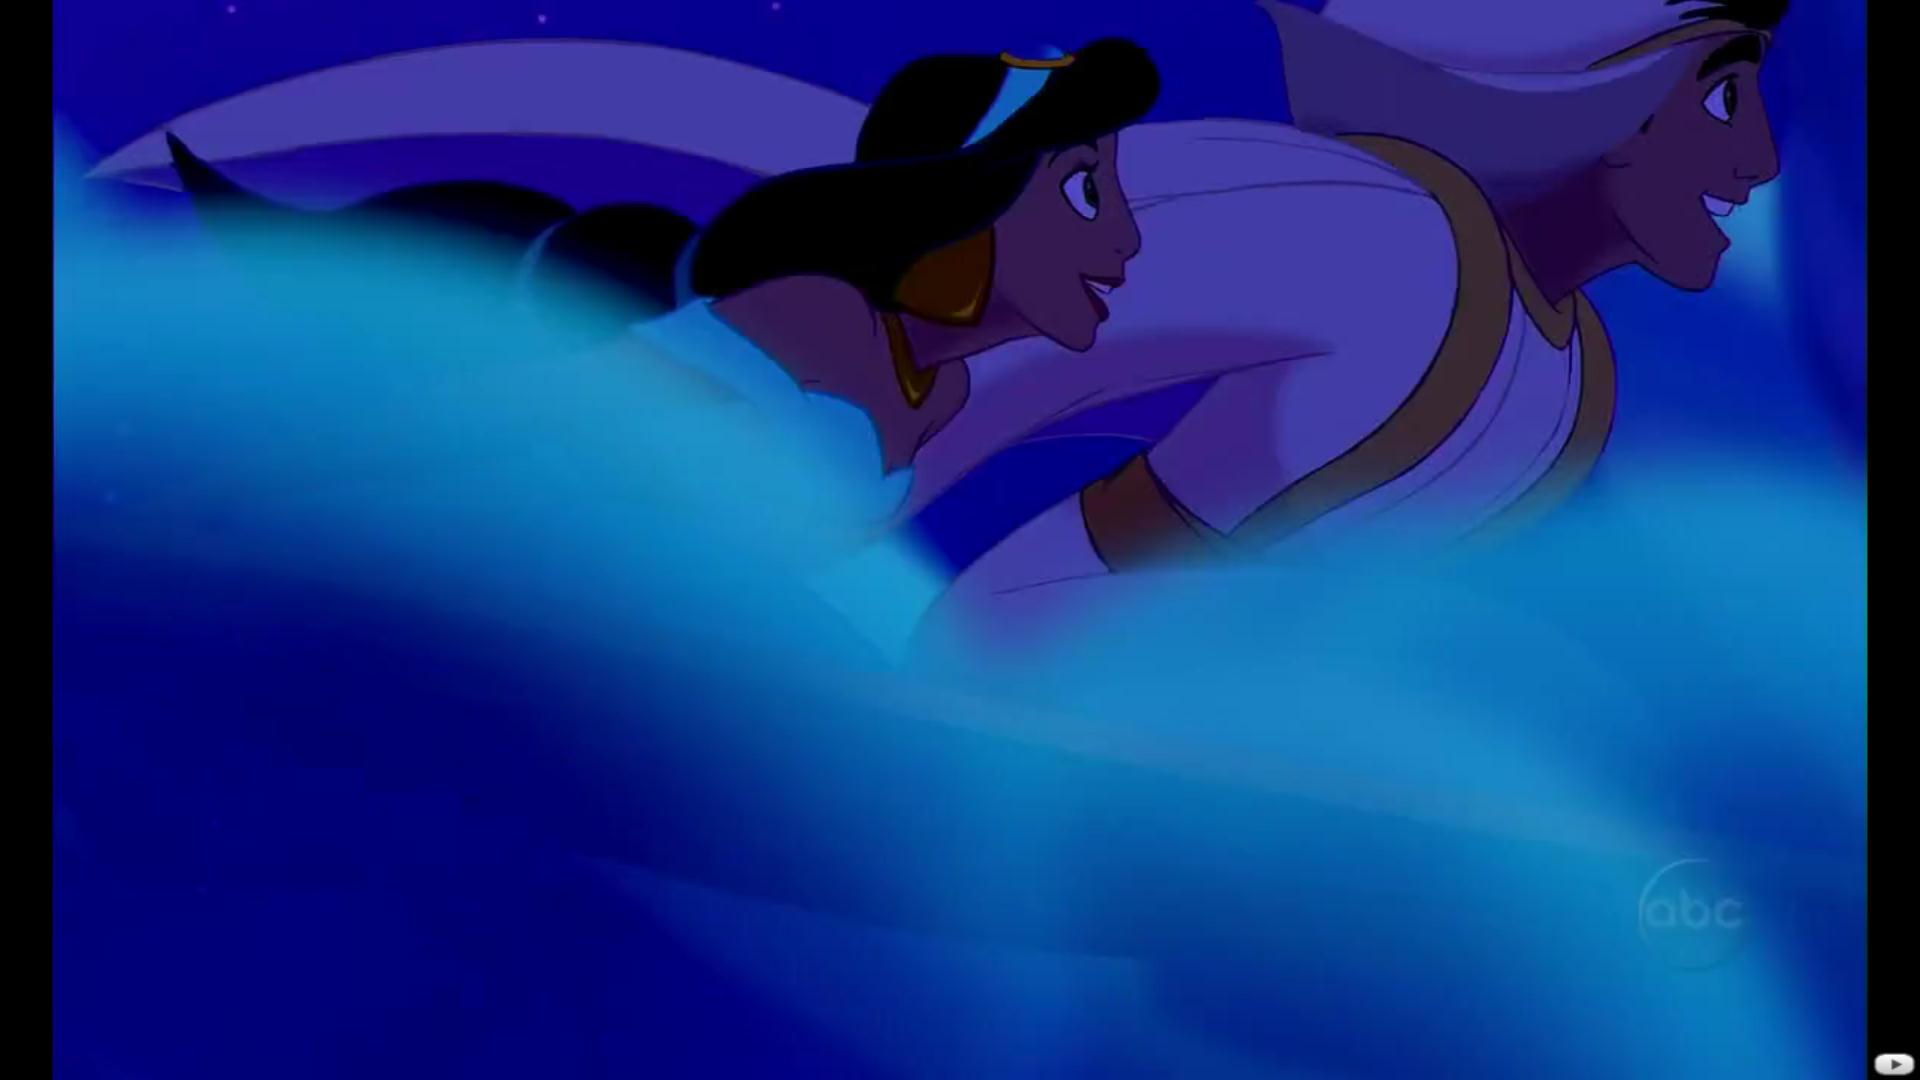 Aladdin - A Whole New World Lyrics | MetroLyrics